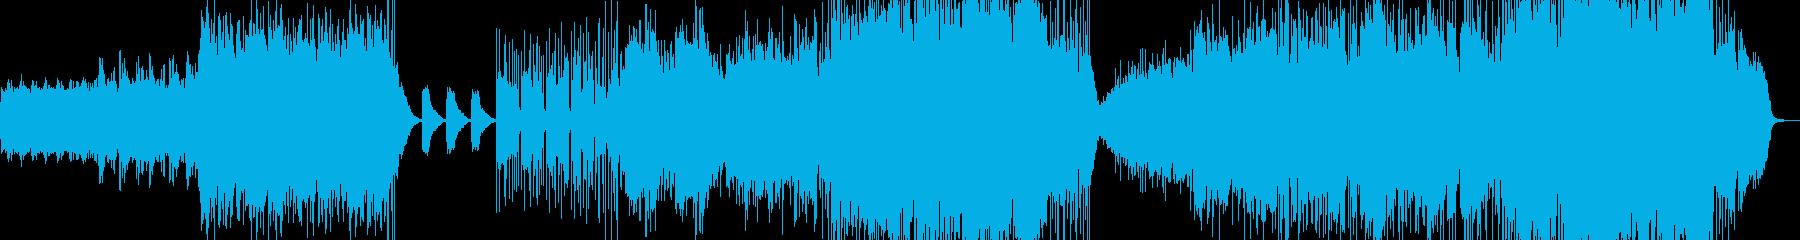 爽やかPOPの再生済みの波形